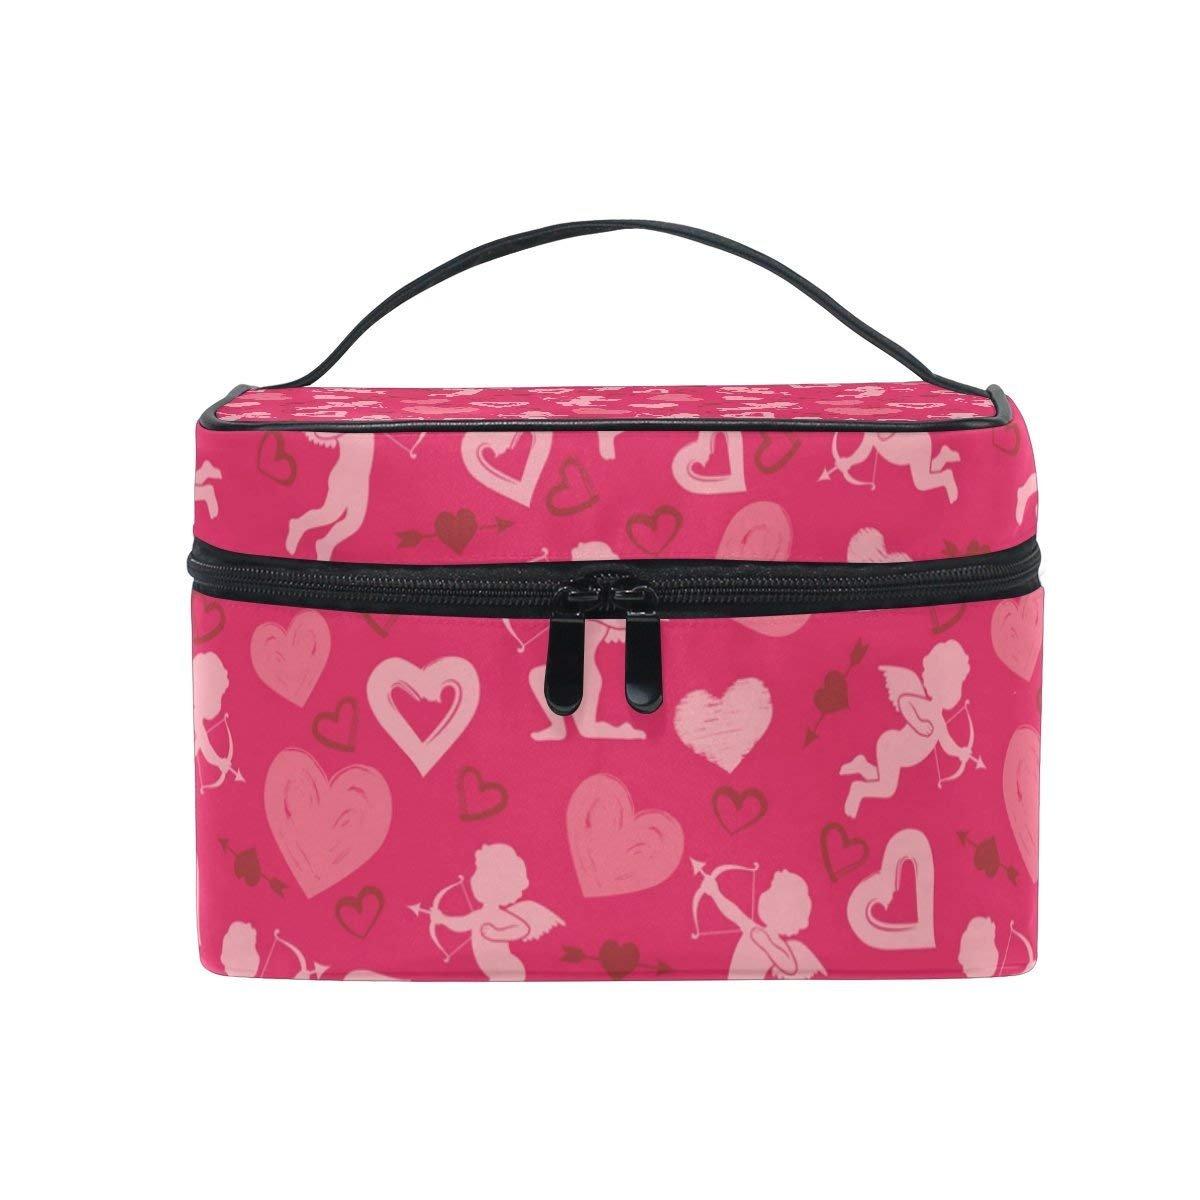 Makeup Bag Love Heart And Arrow Mens Travel Toiletry Bag Mens Cosmetic Bags for Women Fun Large Makeup Organizer